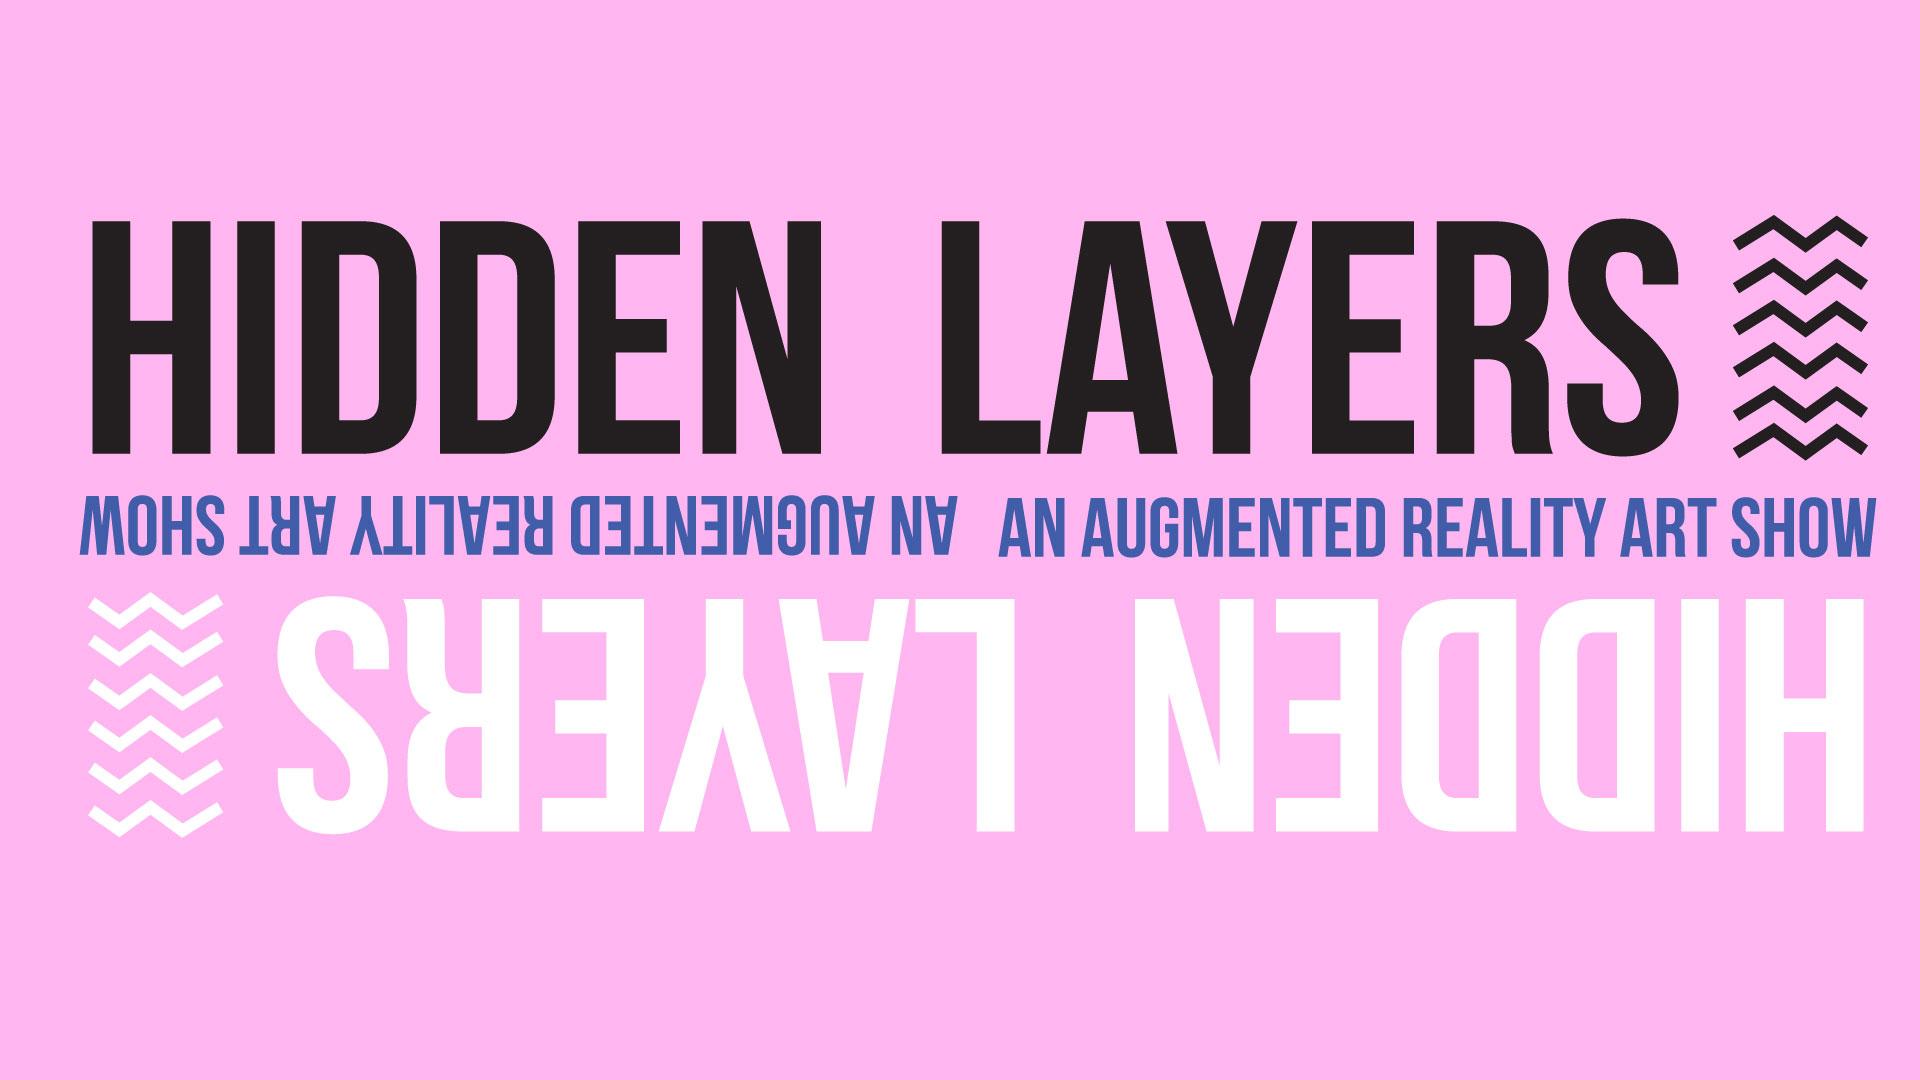 hiddenlayers_rework1.jpg